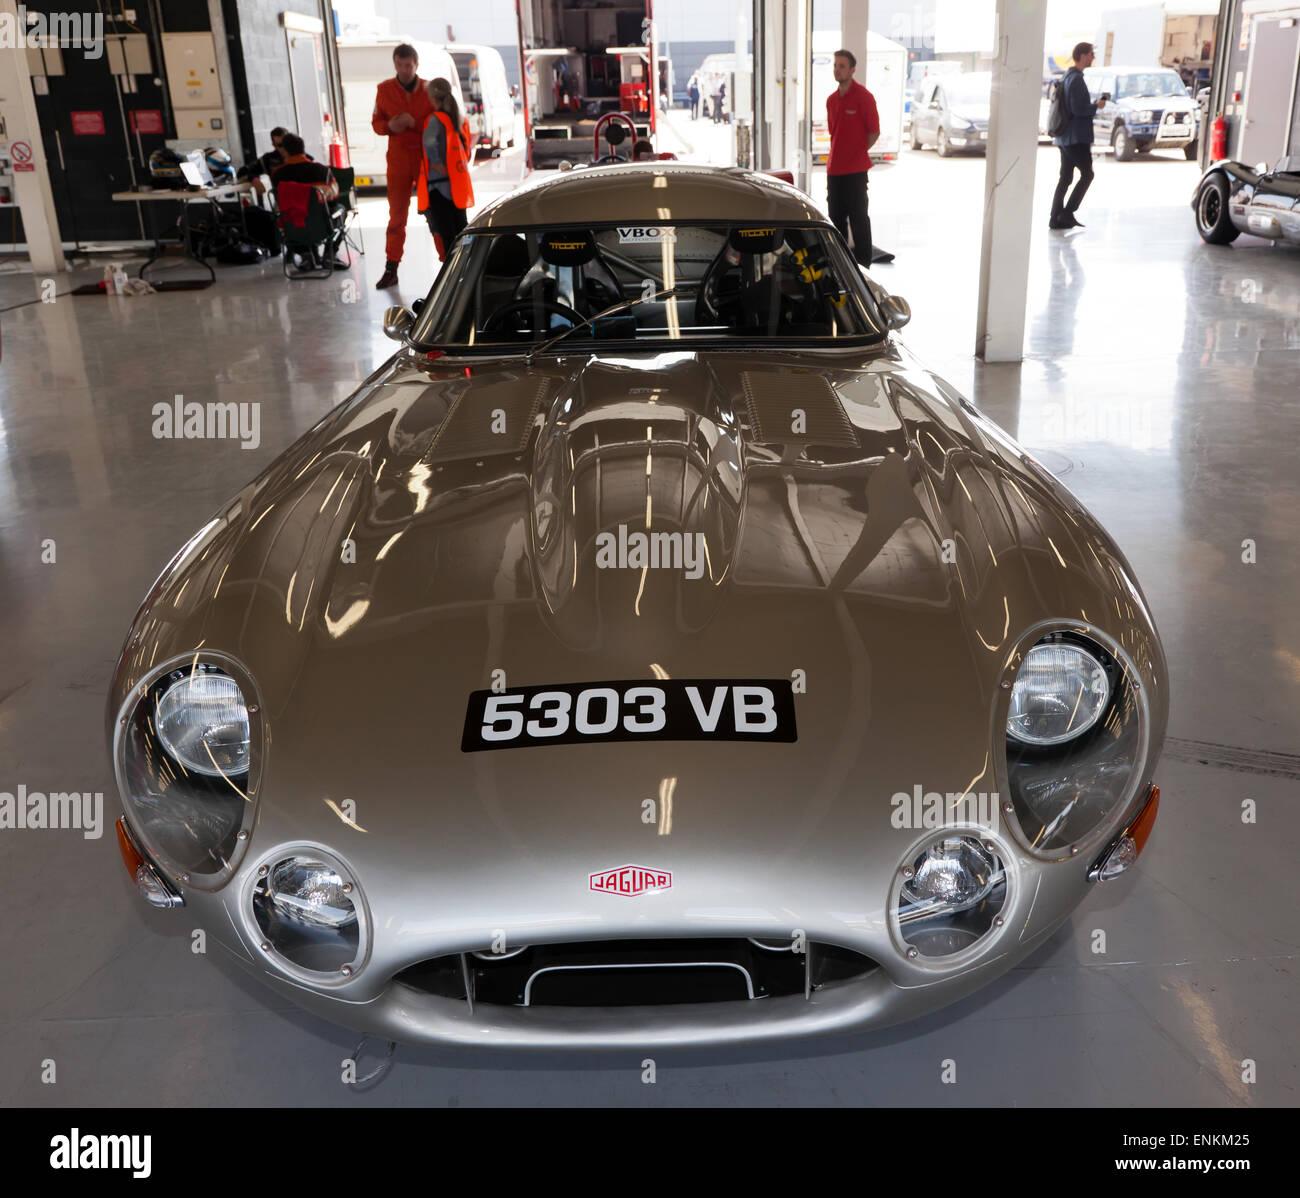 Jaguar Dealer Melbourne: Racing Jaguar Stock Photos & Racing Jaguar Stock Images